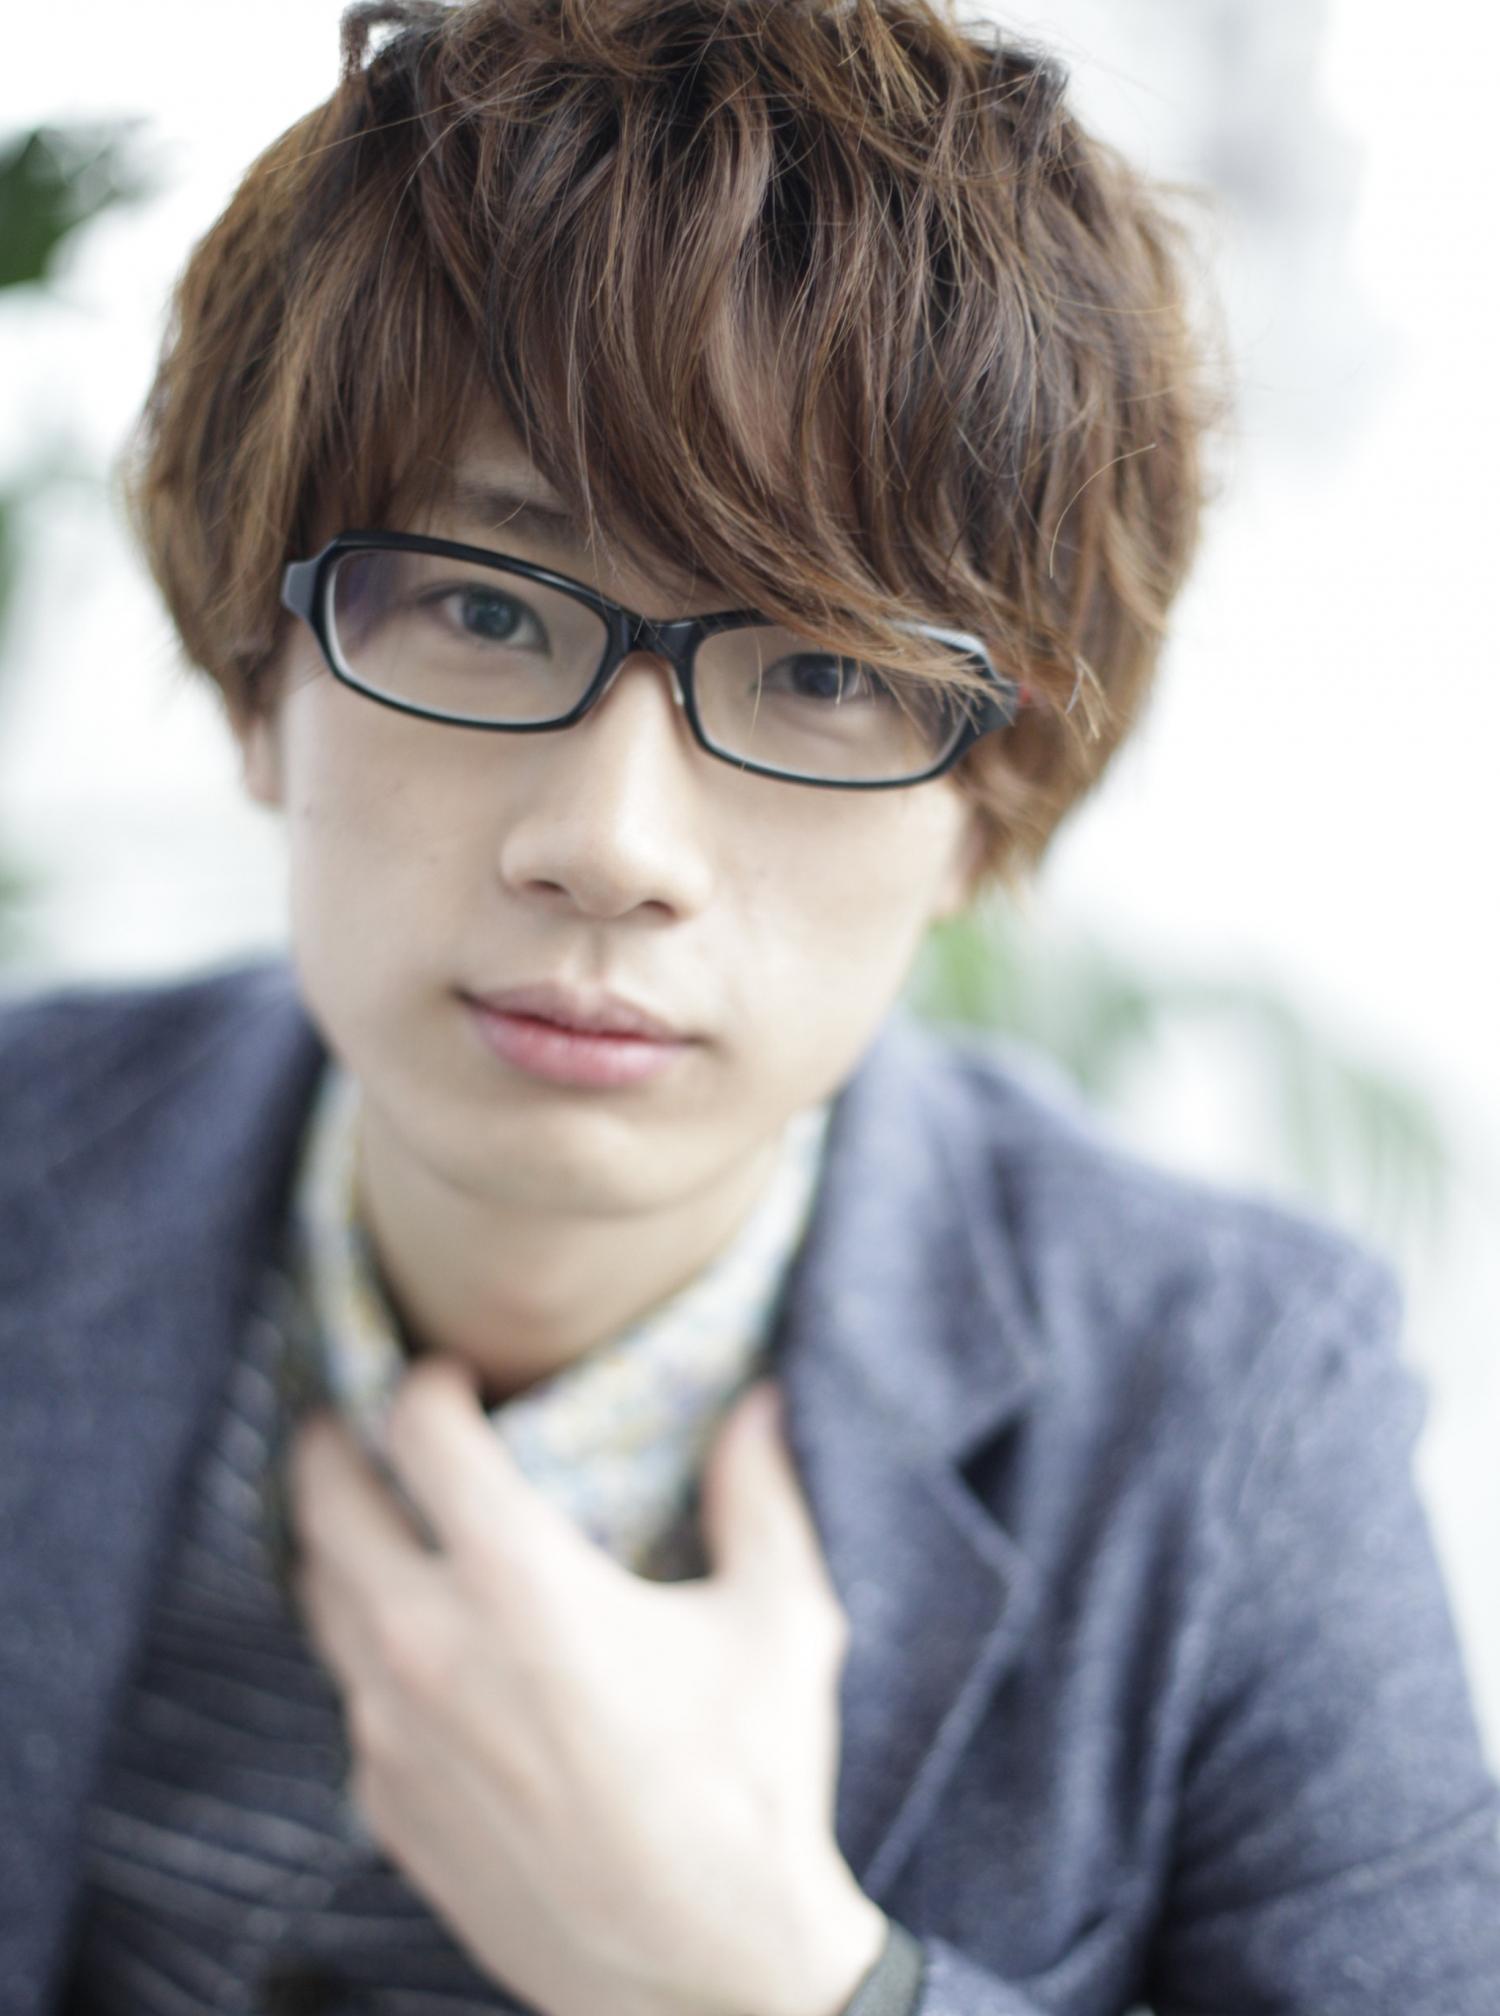 声優・江口拓也さんが週刊誌報道を受けブログ公開「江口拓也という人間に関しては、エンターテインメントでありたい」